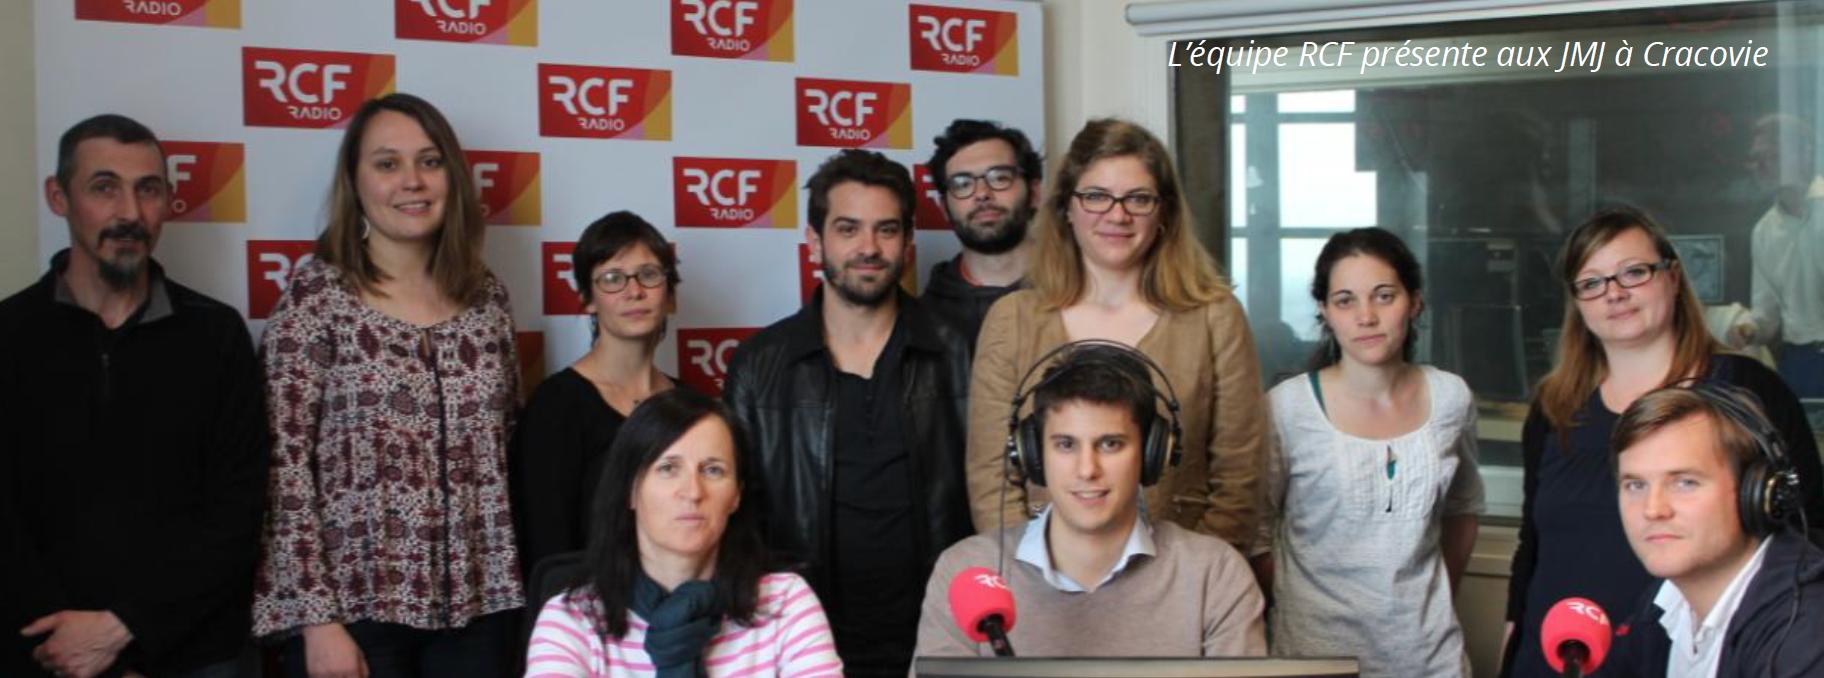 L'équipe de RCF qui sera présente lors des JMJ à Cracovie